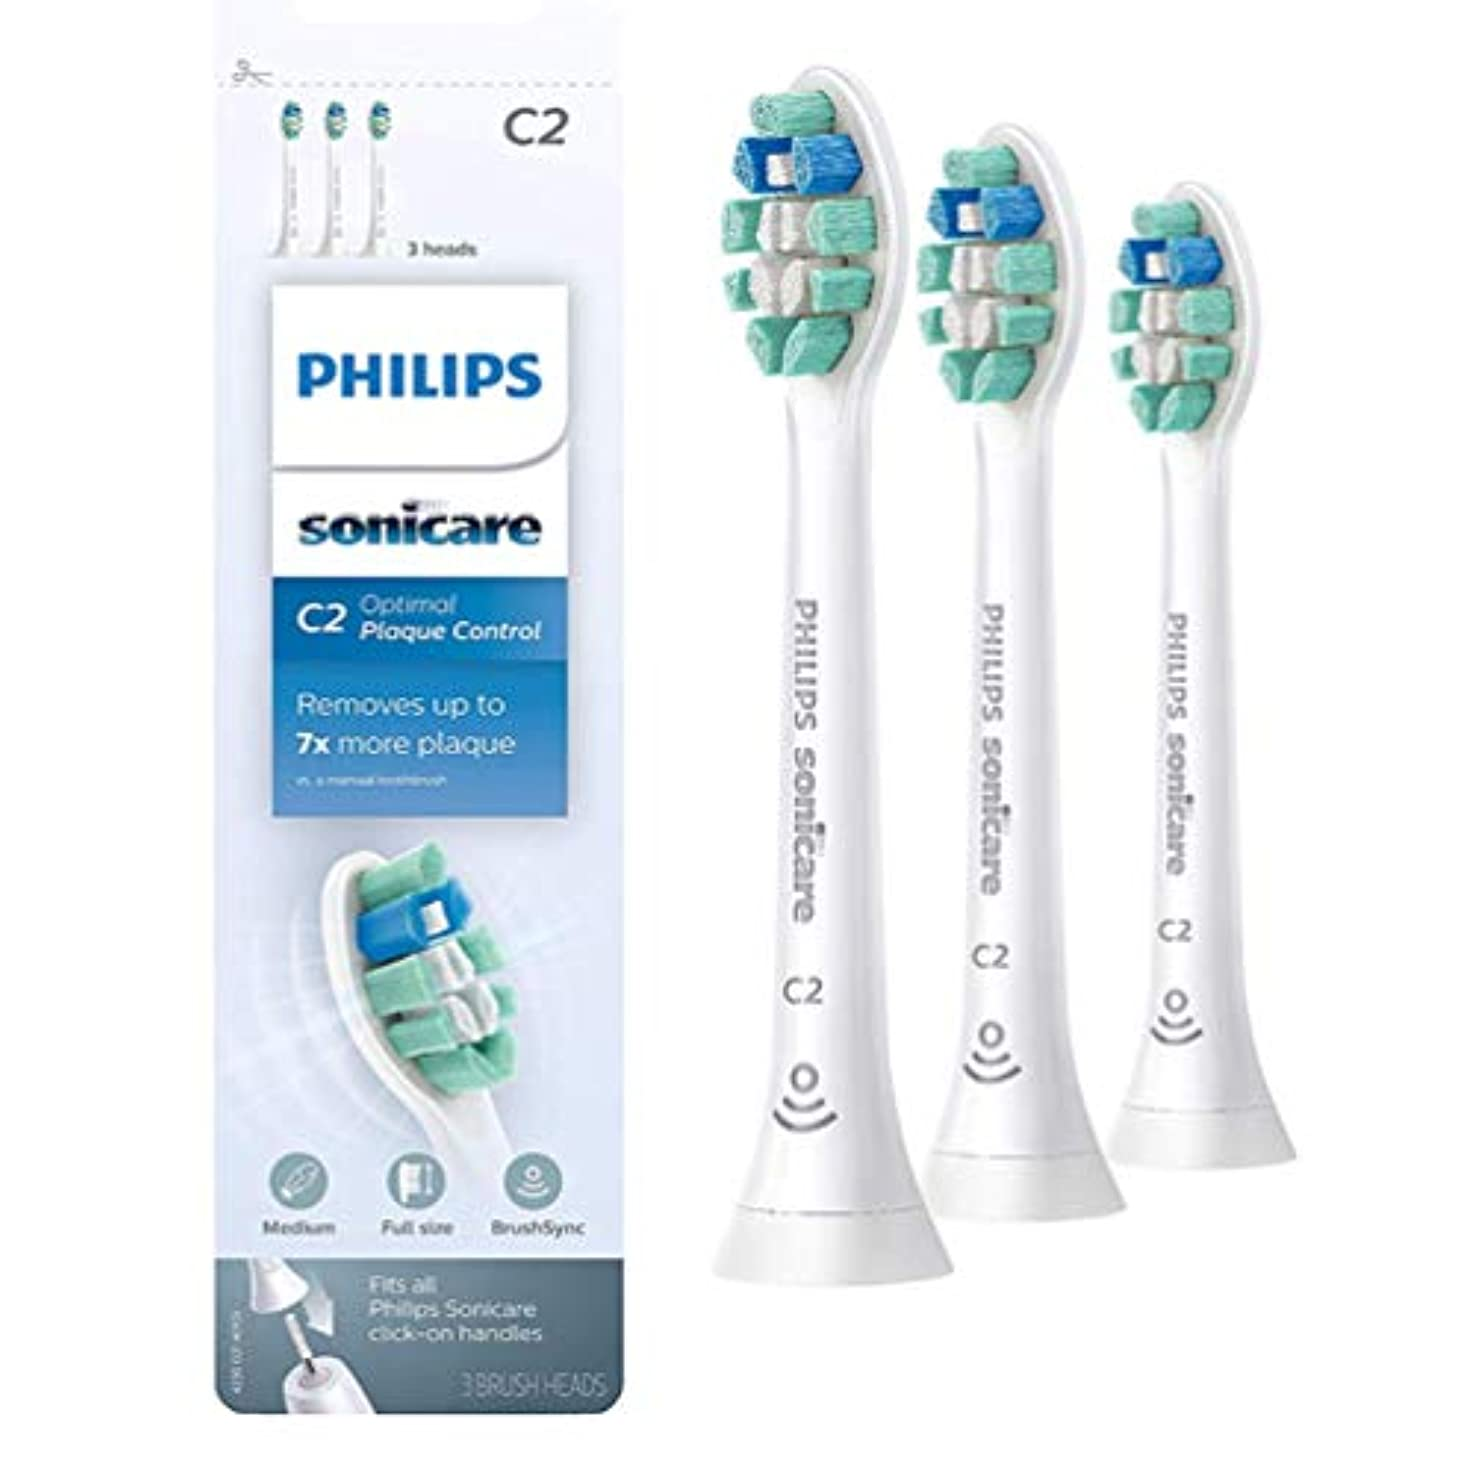 精神的に精通した促進する(正規品)Philips Sonicareソニッケアークリーンプラス (旧プラークディフェンス)電動歯ブラシHX9023 3本組